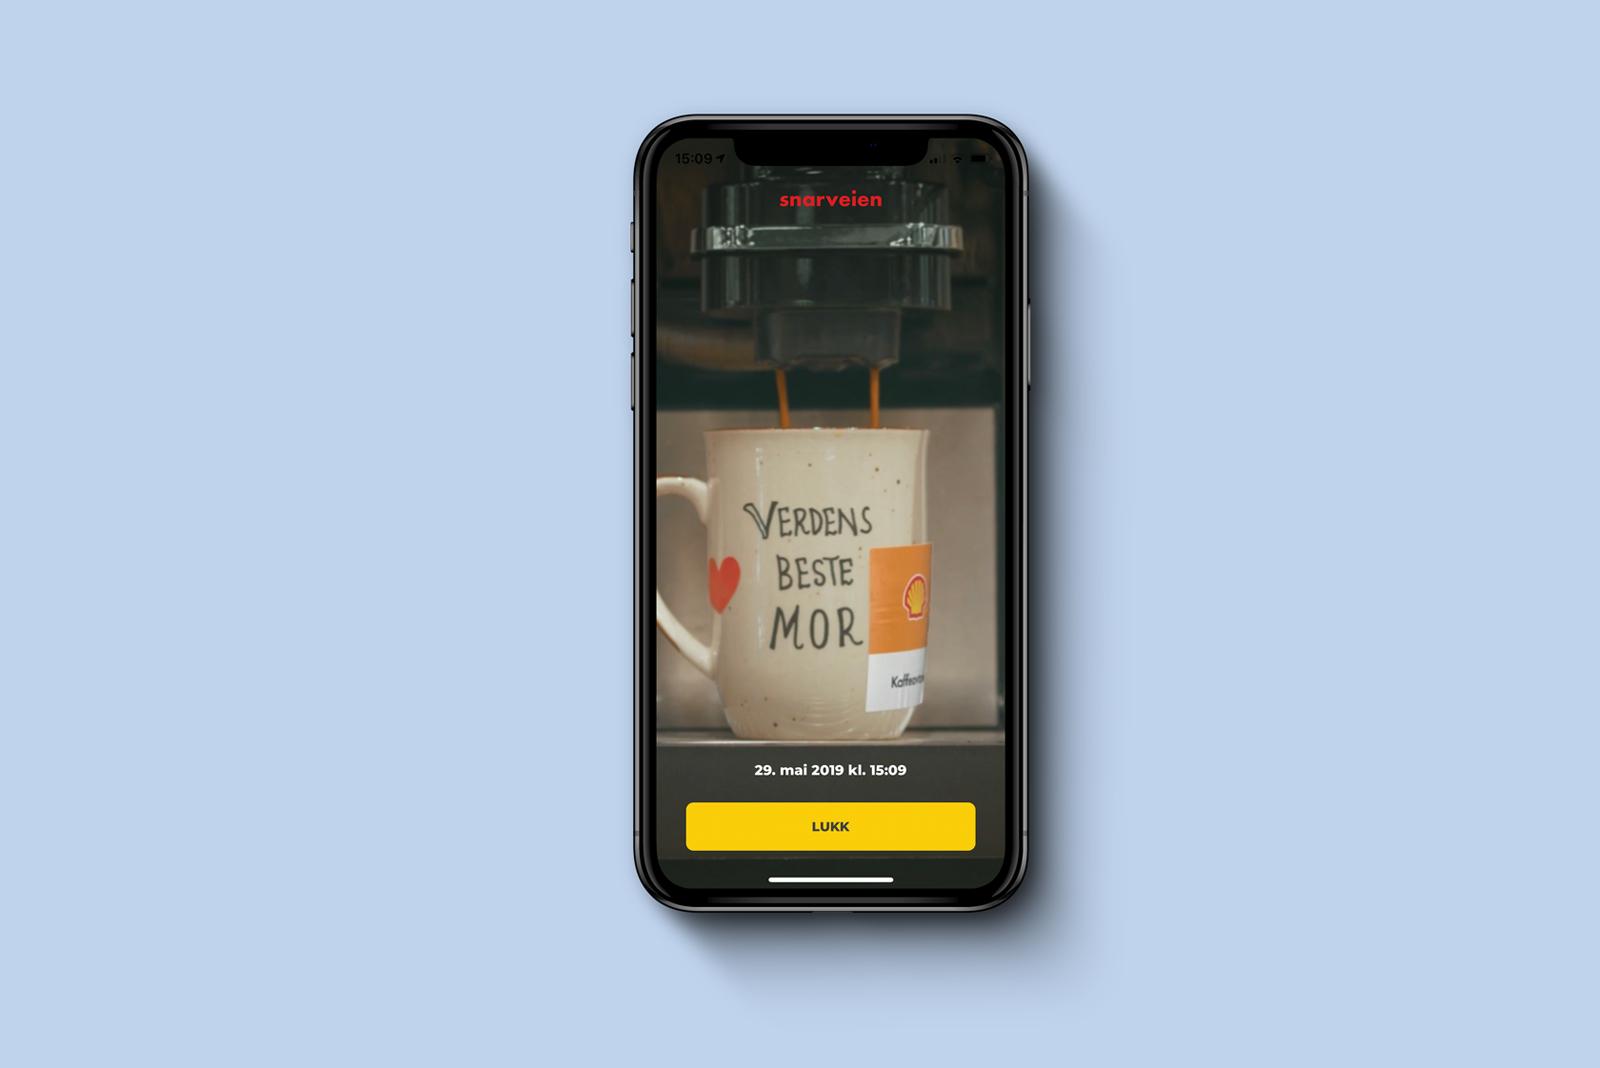 Fyll kaffekoppen skjermbilde